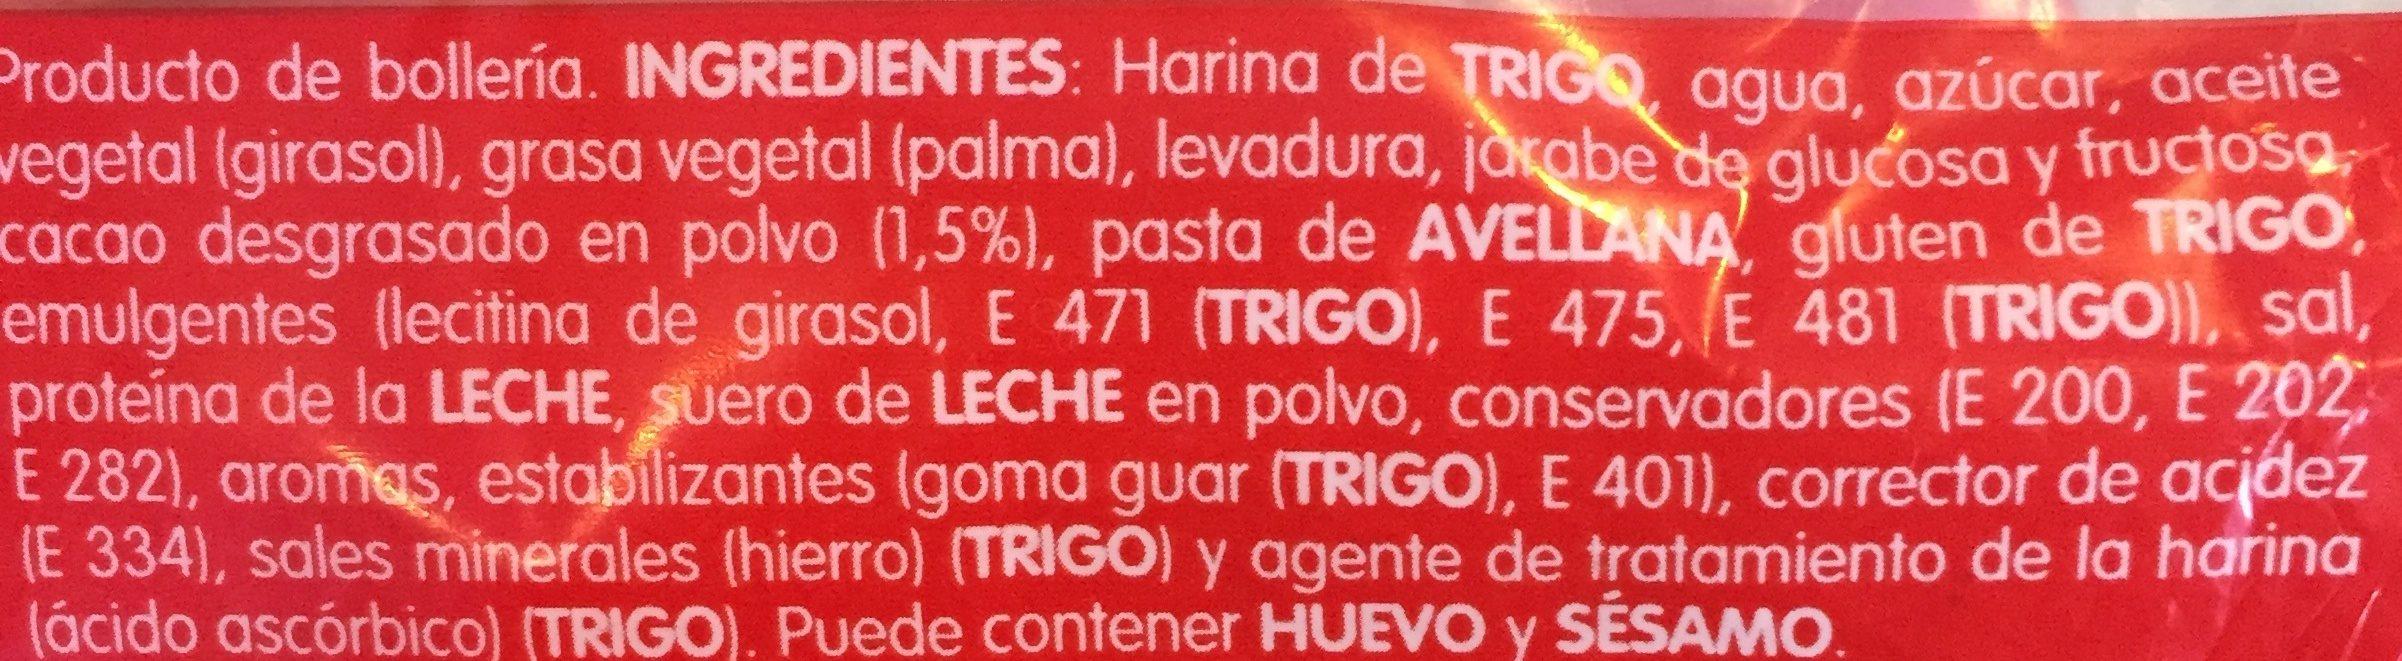 Bollycao - Ingrédients - es